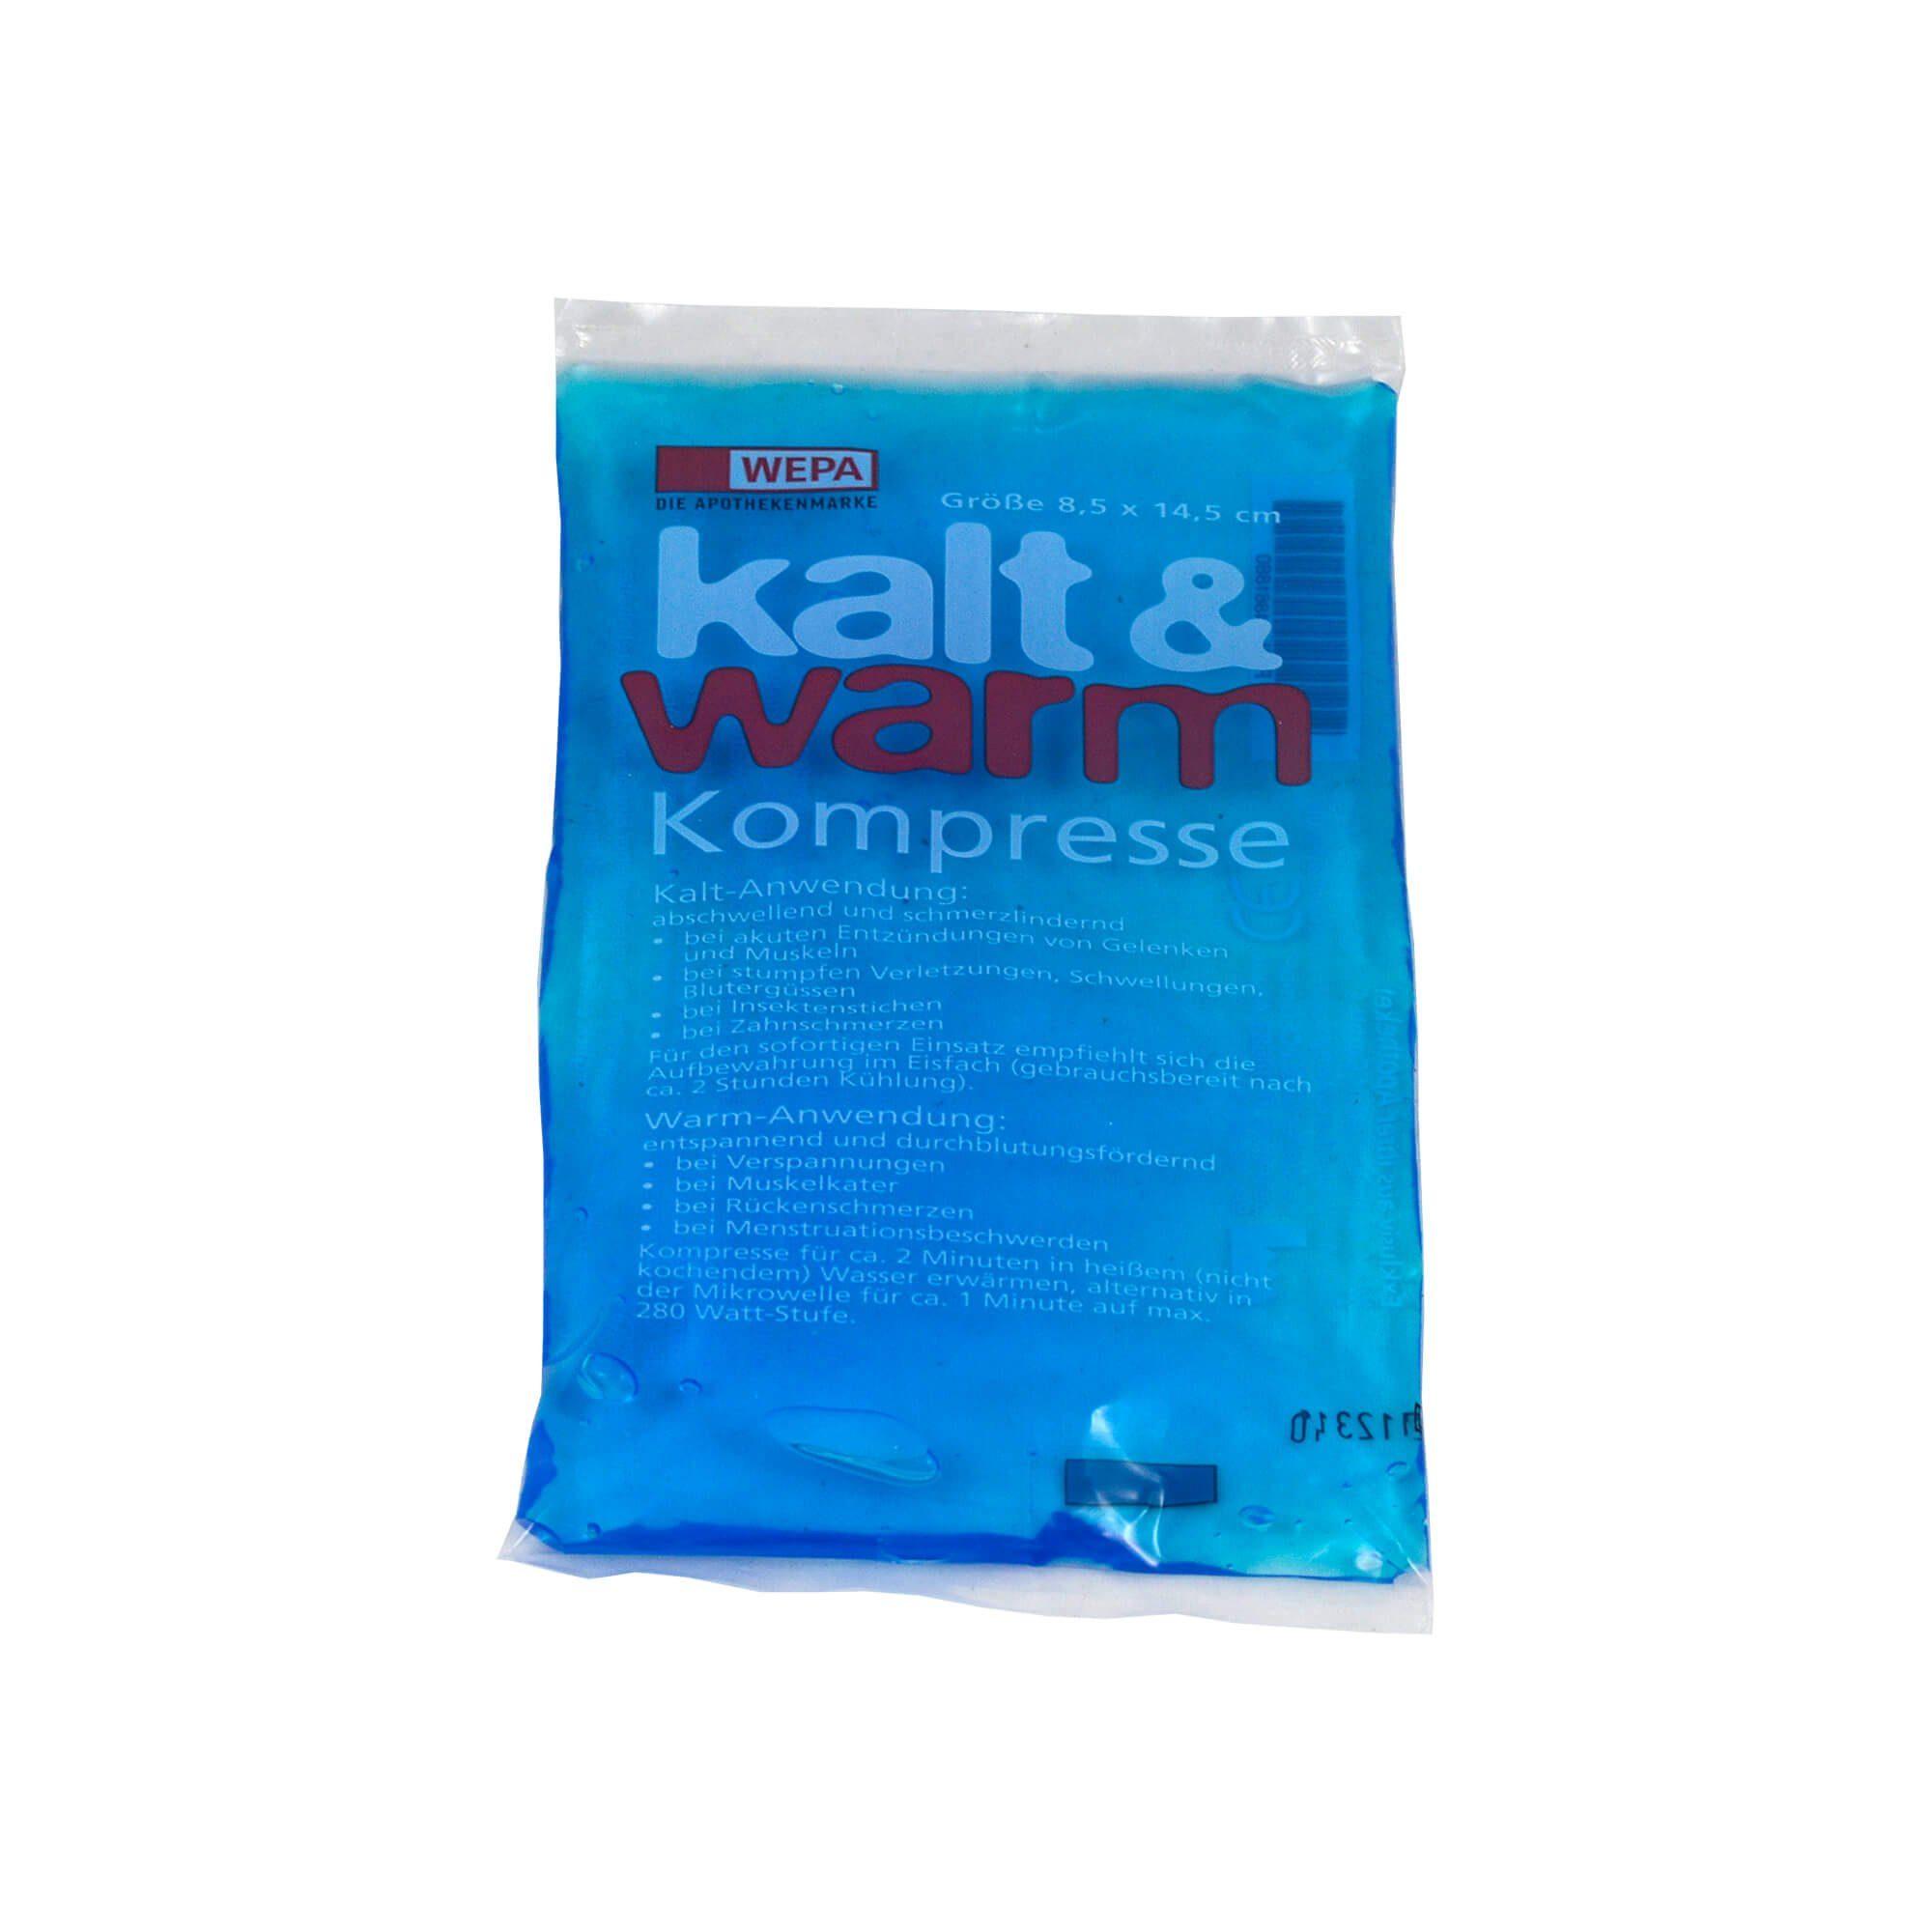 Kalt-warm Kompresse 8,5x14,5cm , 1 St